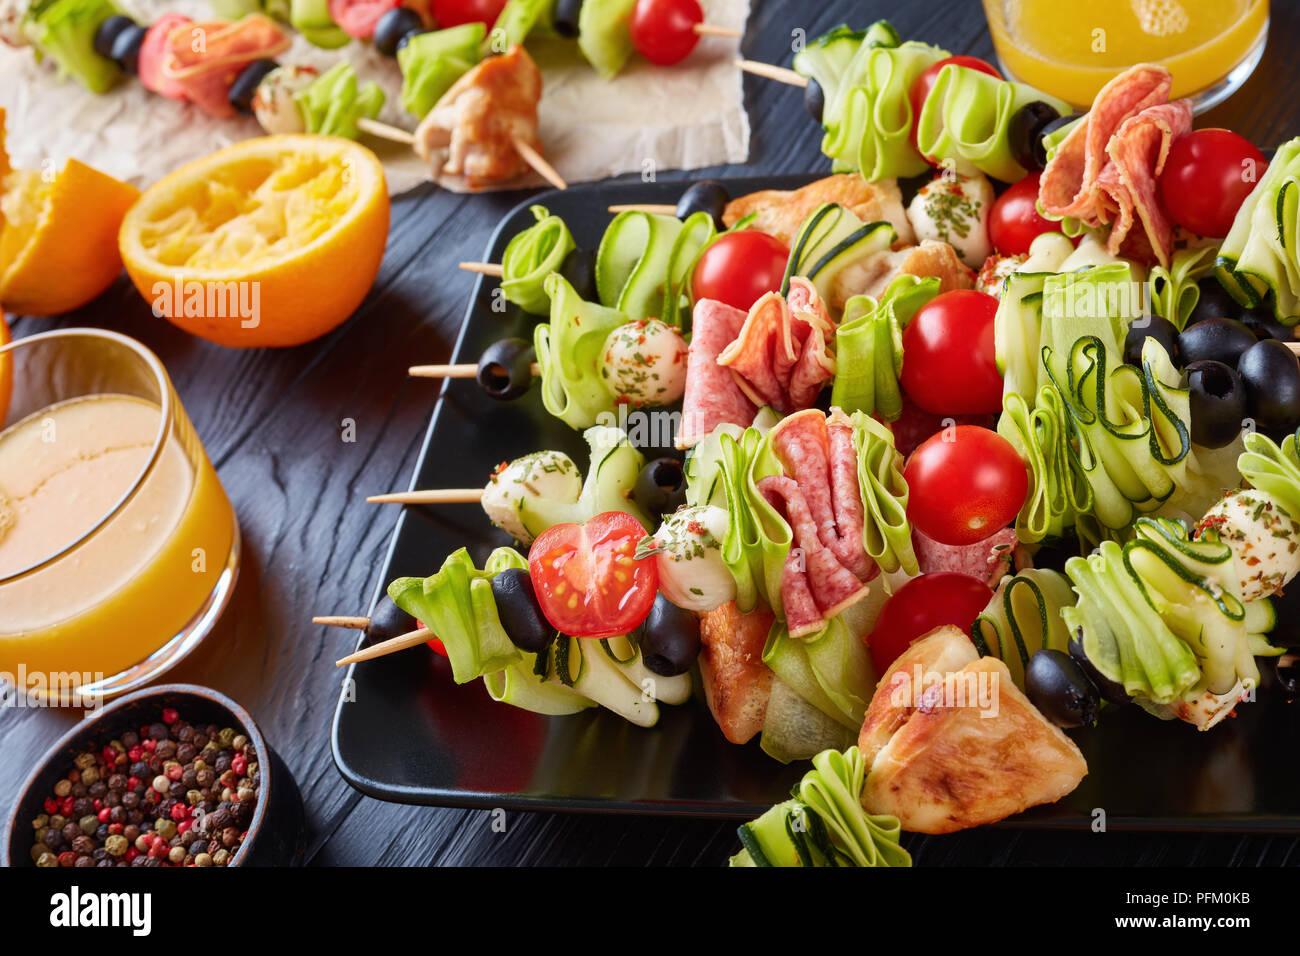 Spiedini con carne di pollo, zucchine, pomodori, mozzarella, sfere, fette di salame, olive su una piastra nera su una tavola di legno con il succo di arancia in vetro c Immagini Stock